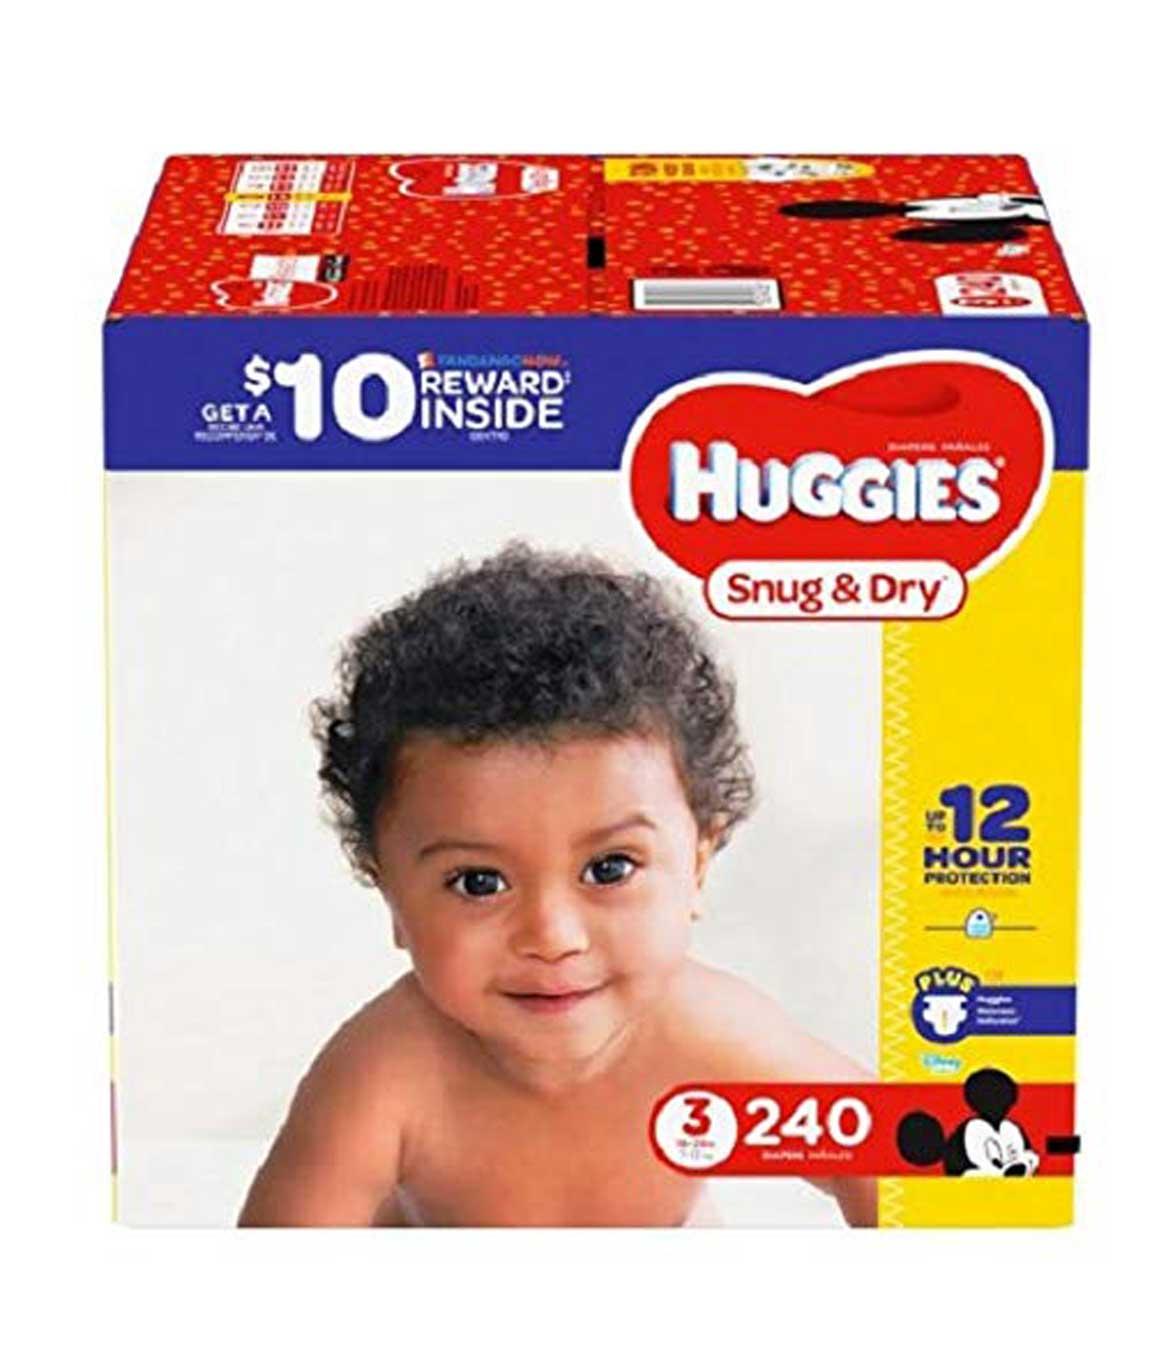 3 Pk of Huggies Snug & Dry Diapers, Size 6 Plus Wetness Indicator 21 Count